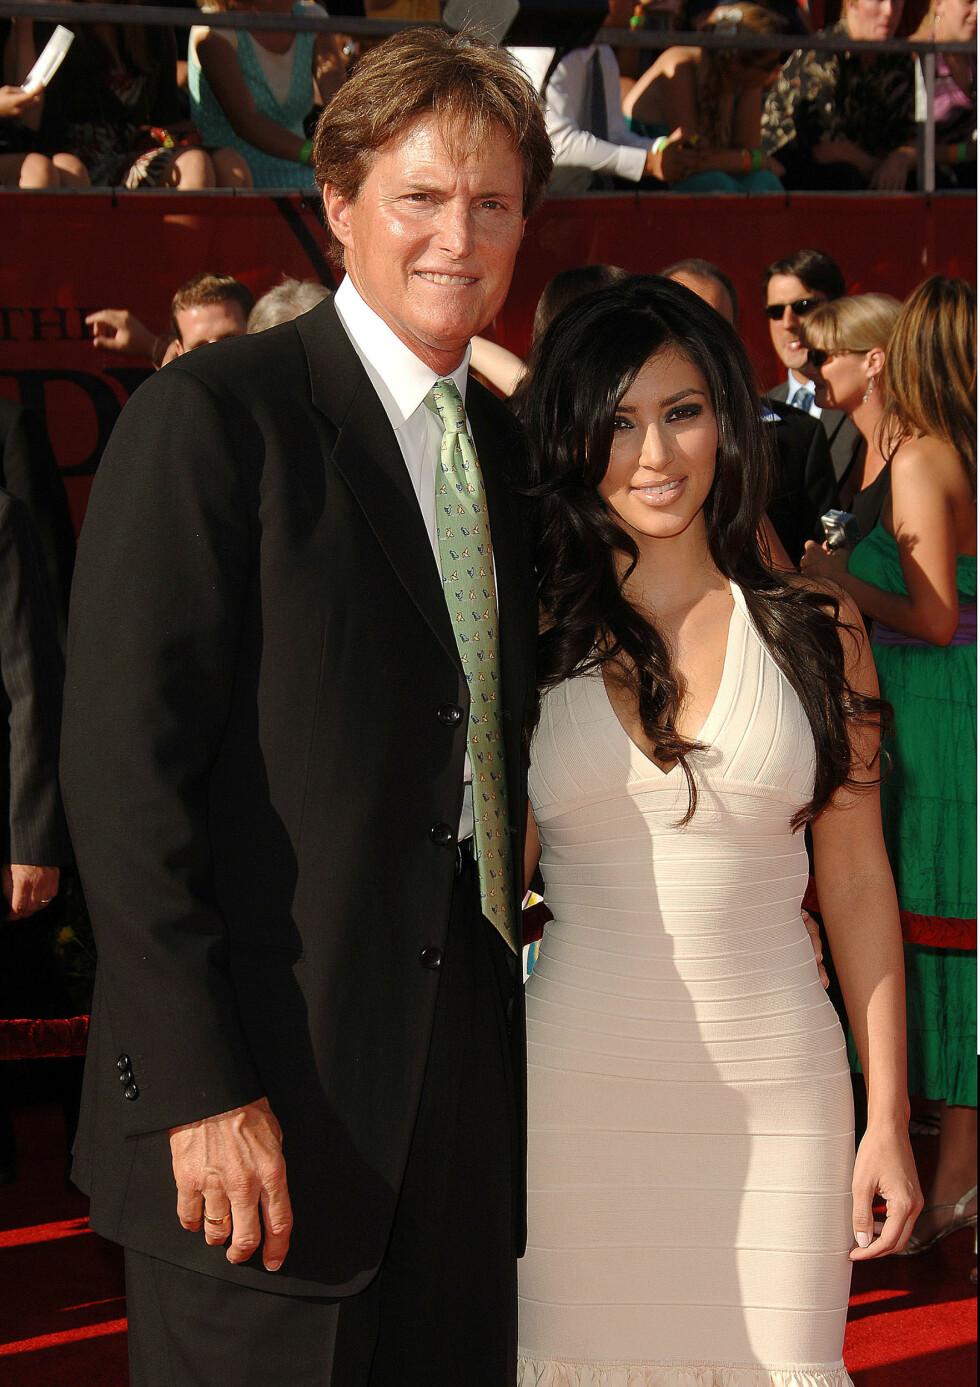 DA DET HELE STARTET: Bruce Jenner og Kim Kardashian avbildet på rød løper på begynnelsen av 2000-tallet.   Foto: NTB Scanpix